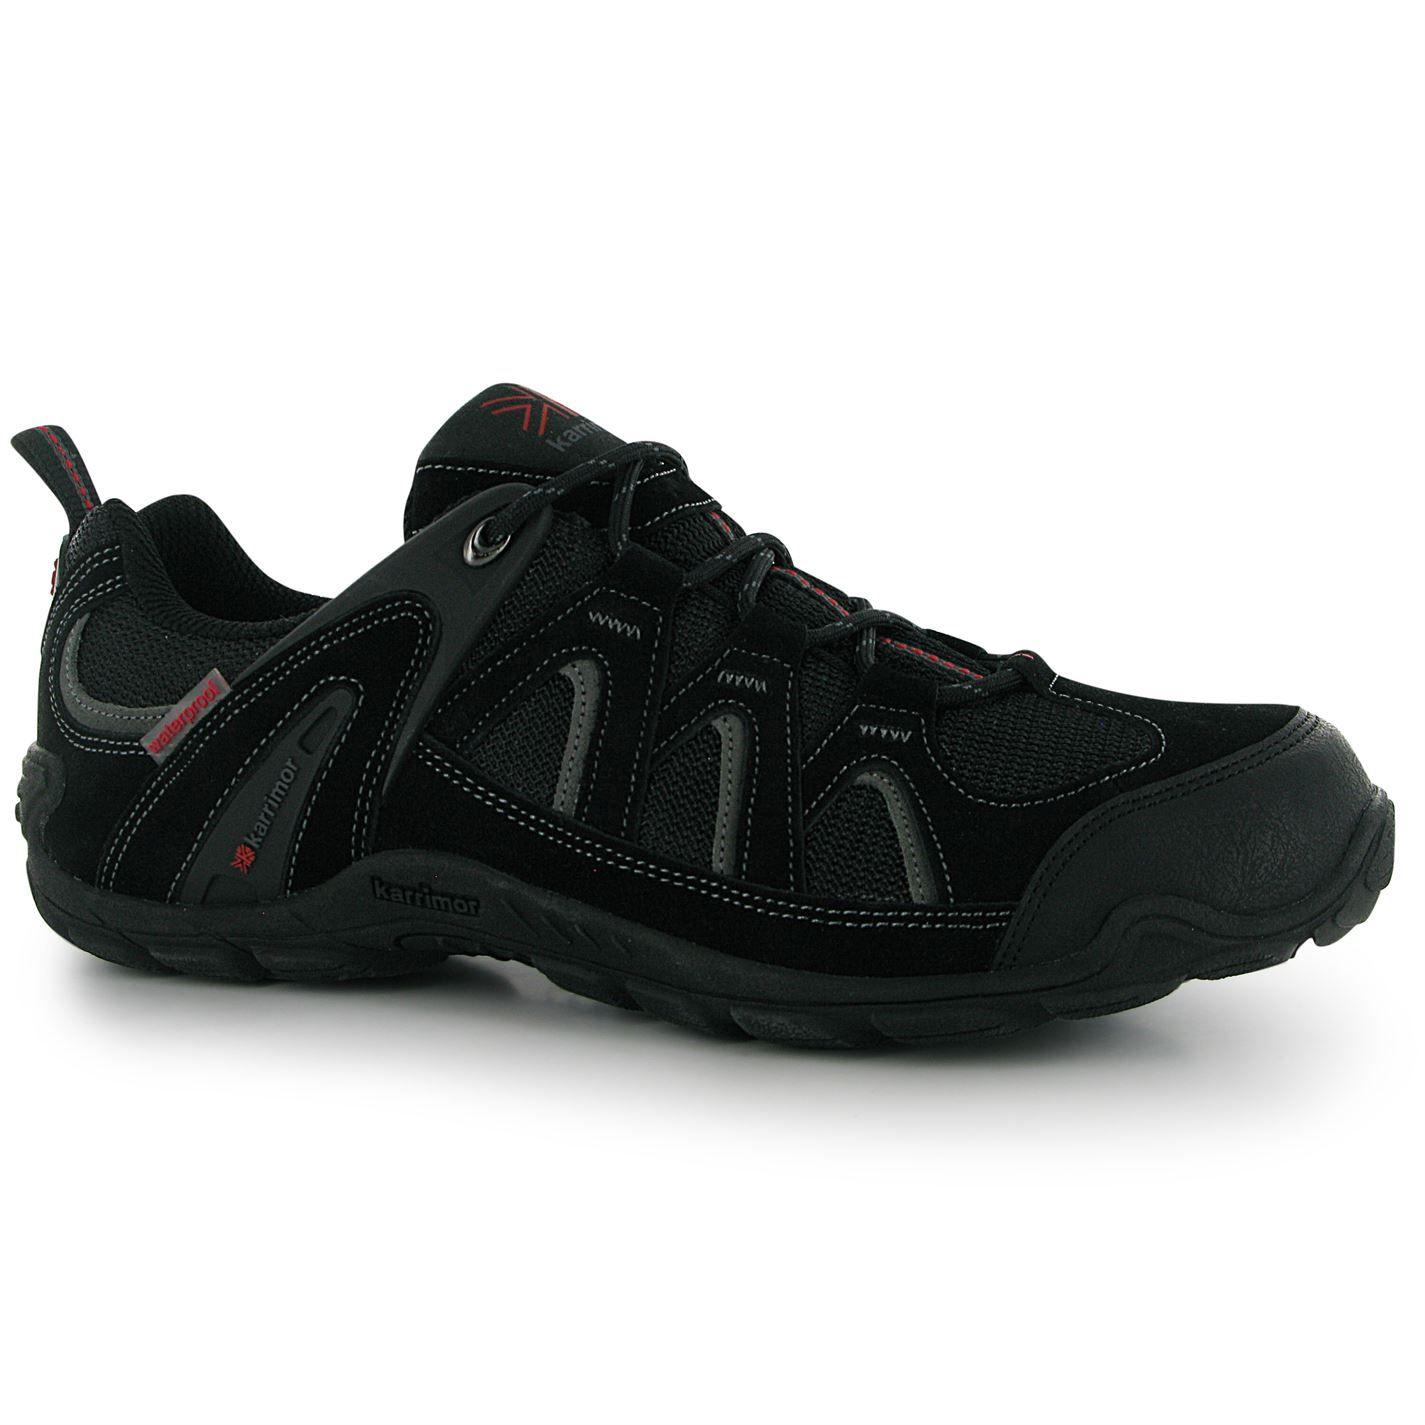 Karrimor   Karrimor Summit Waterproof Mens Walking Shoes   Mens ...